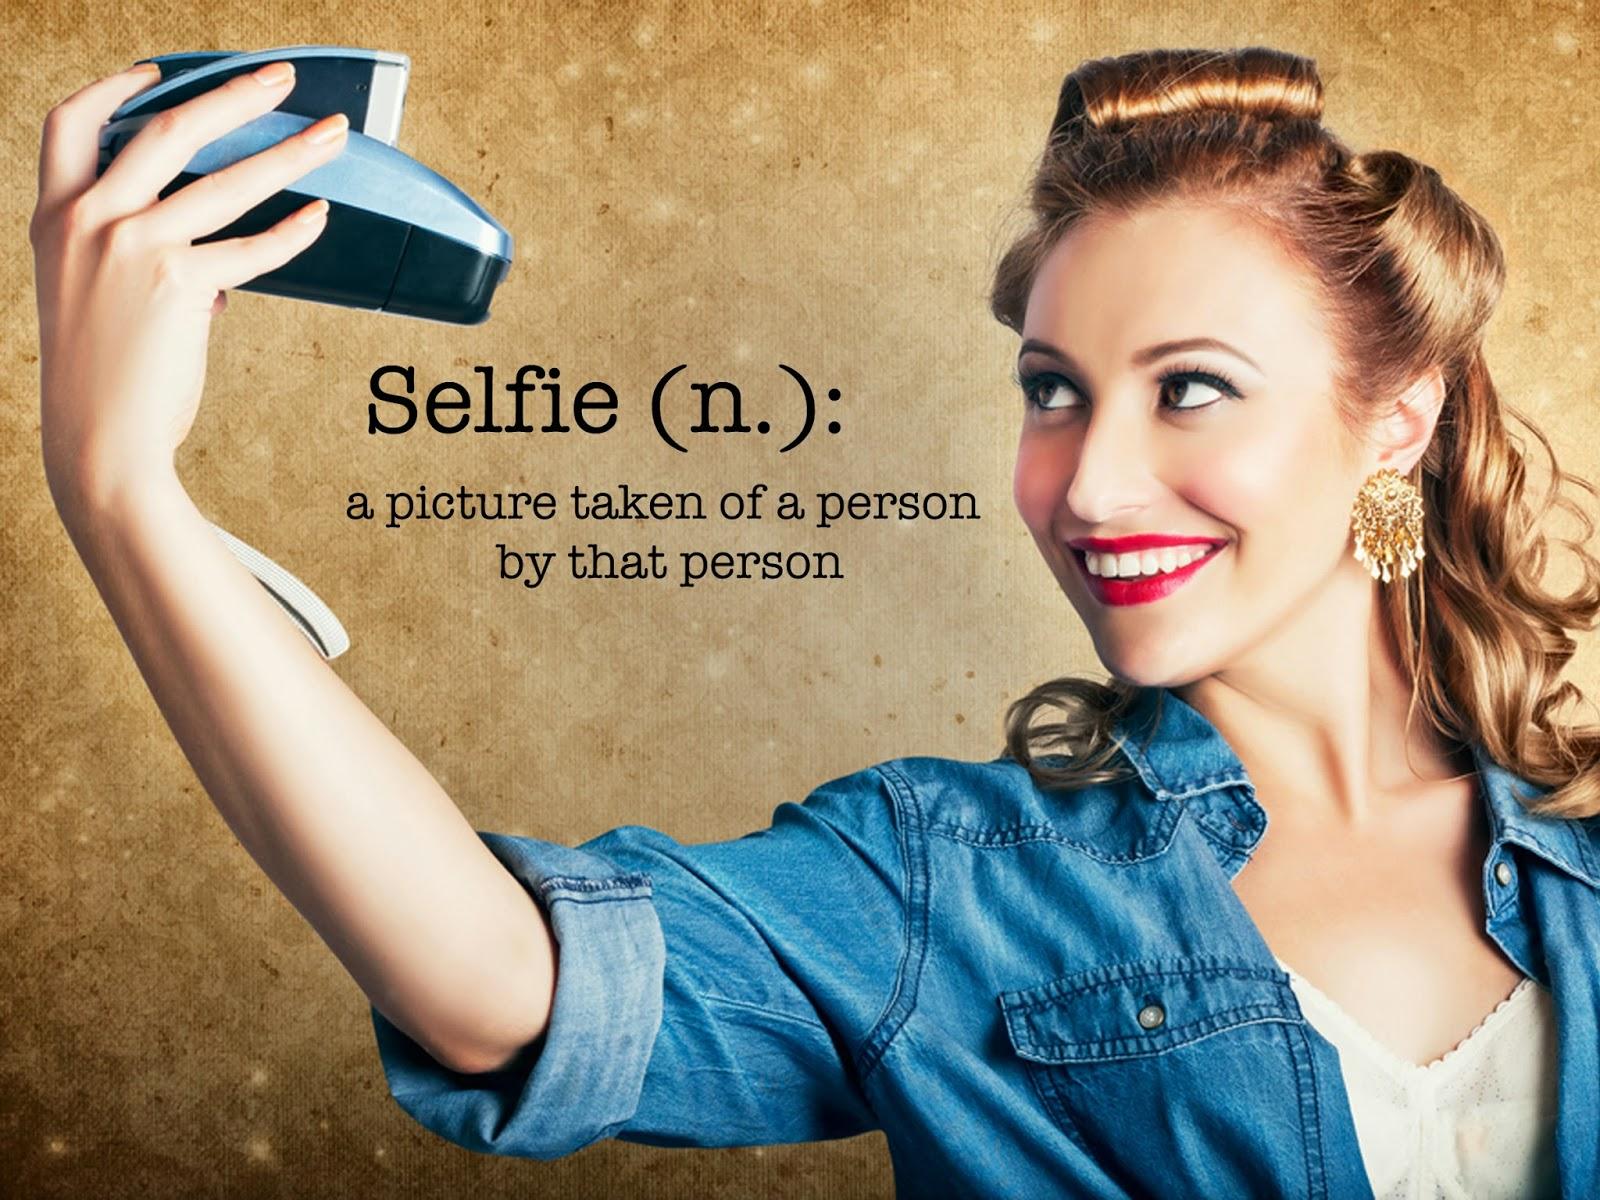 http://1.bp.blogspot.com/-tF2qdk8WCCs/Uu-HAQHkA9I/AAAAAAAACIg/xizHou20gig/s1600/Selfie-HG.jpg